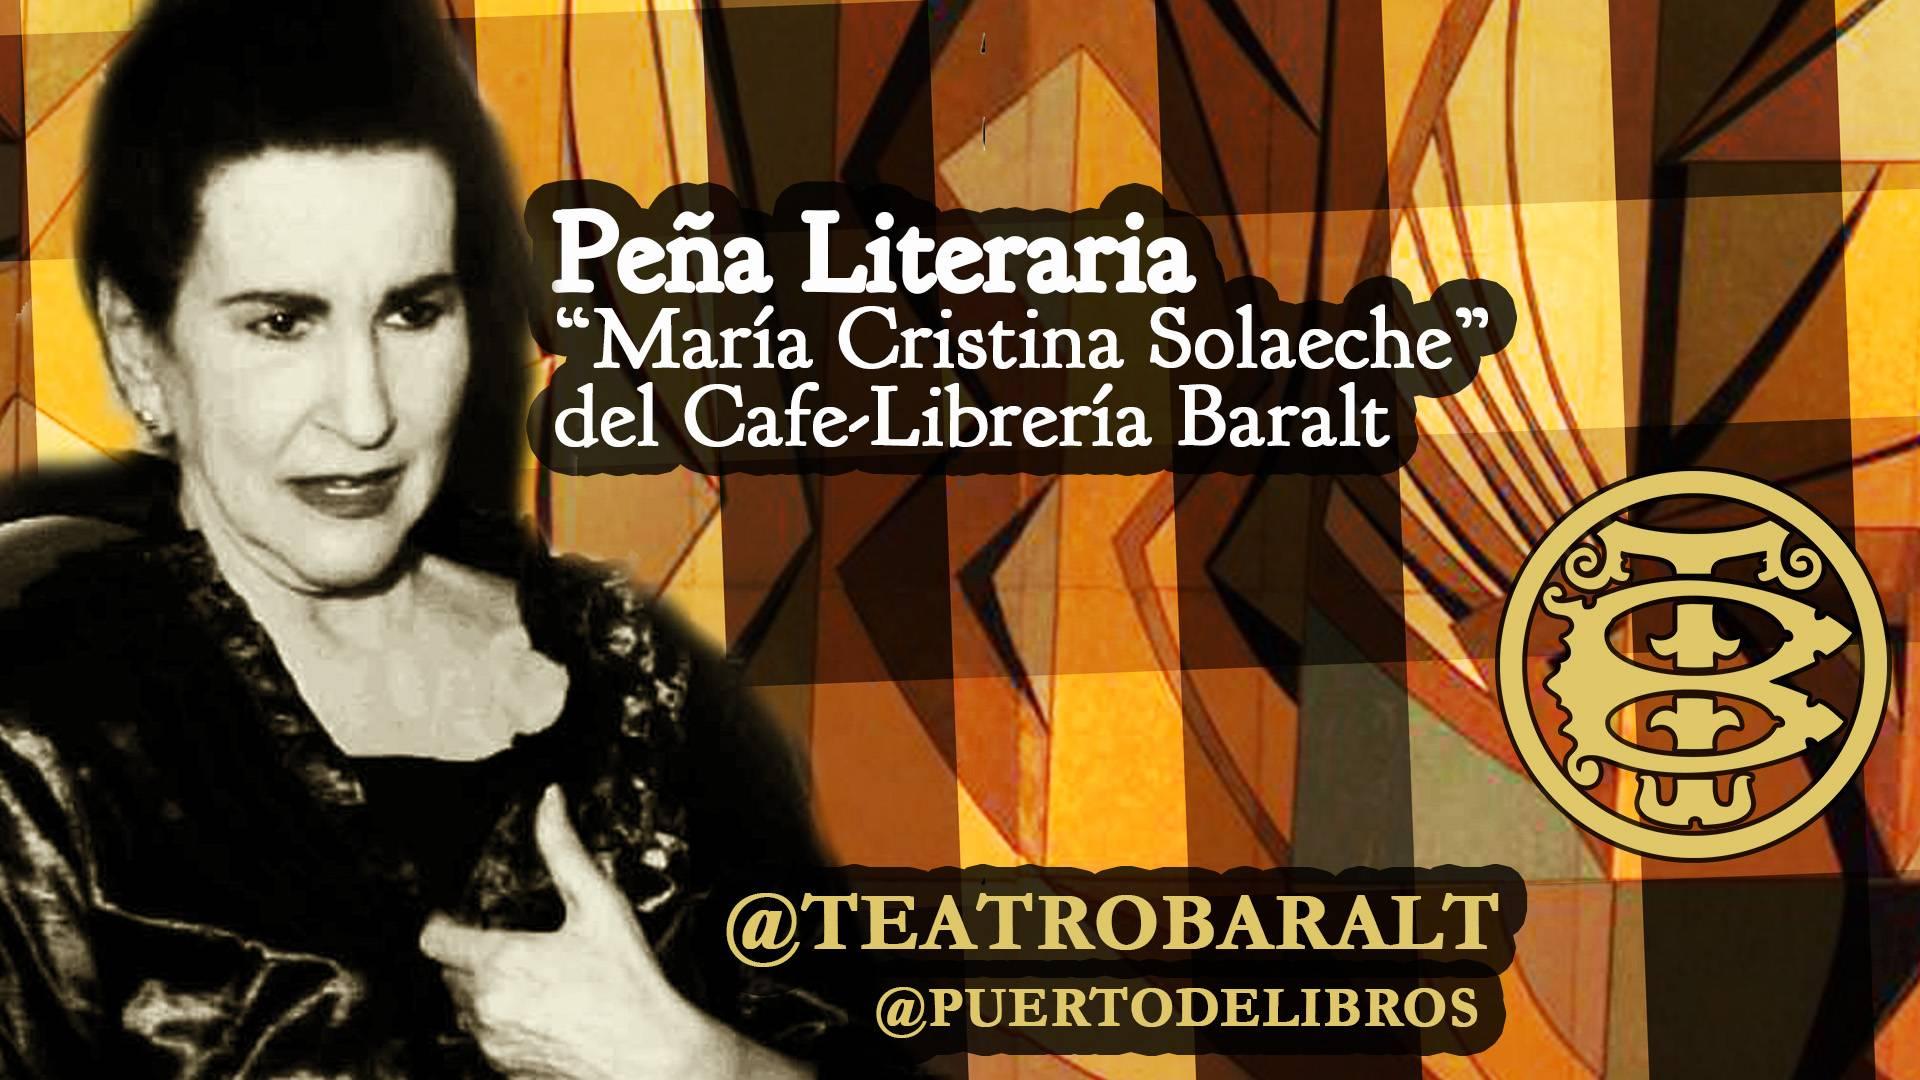 """Nace la Peña Literaria """"María Cristina Solaeche"""" en el Café-Librería Baralt"""